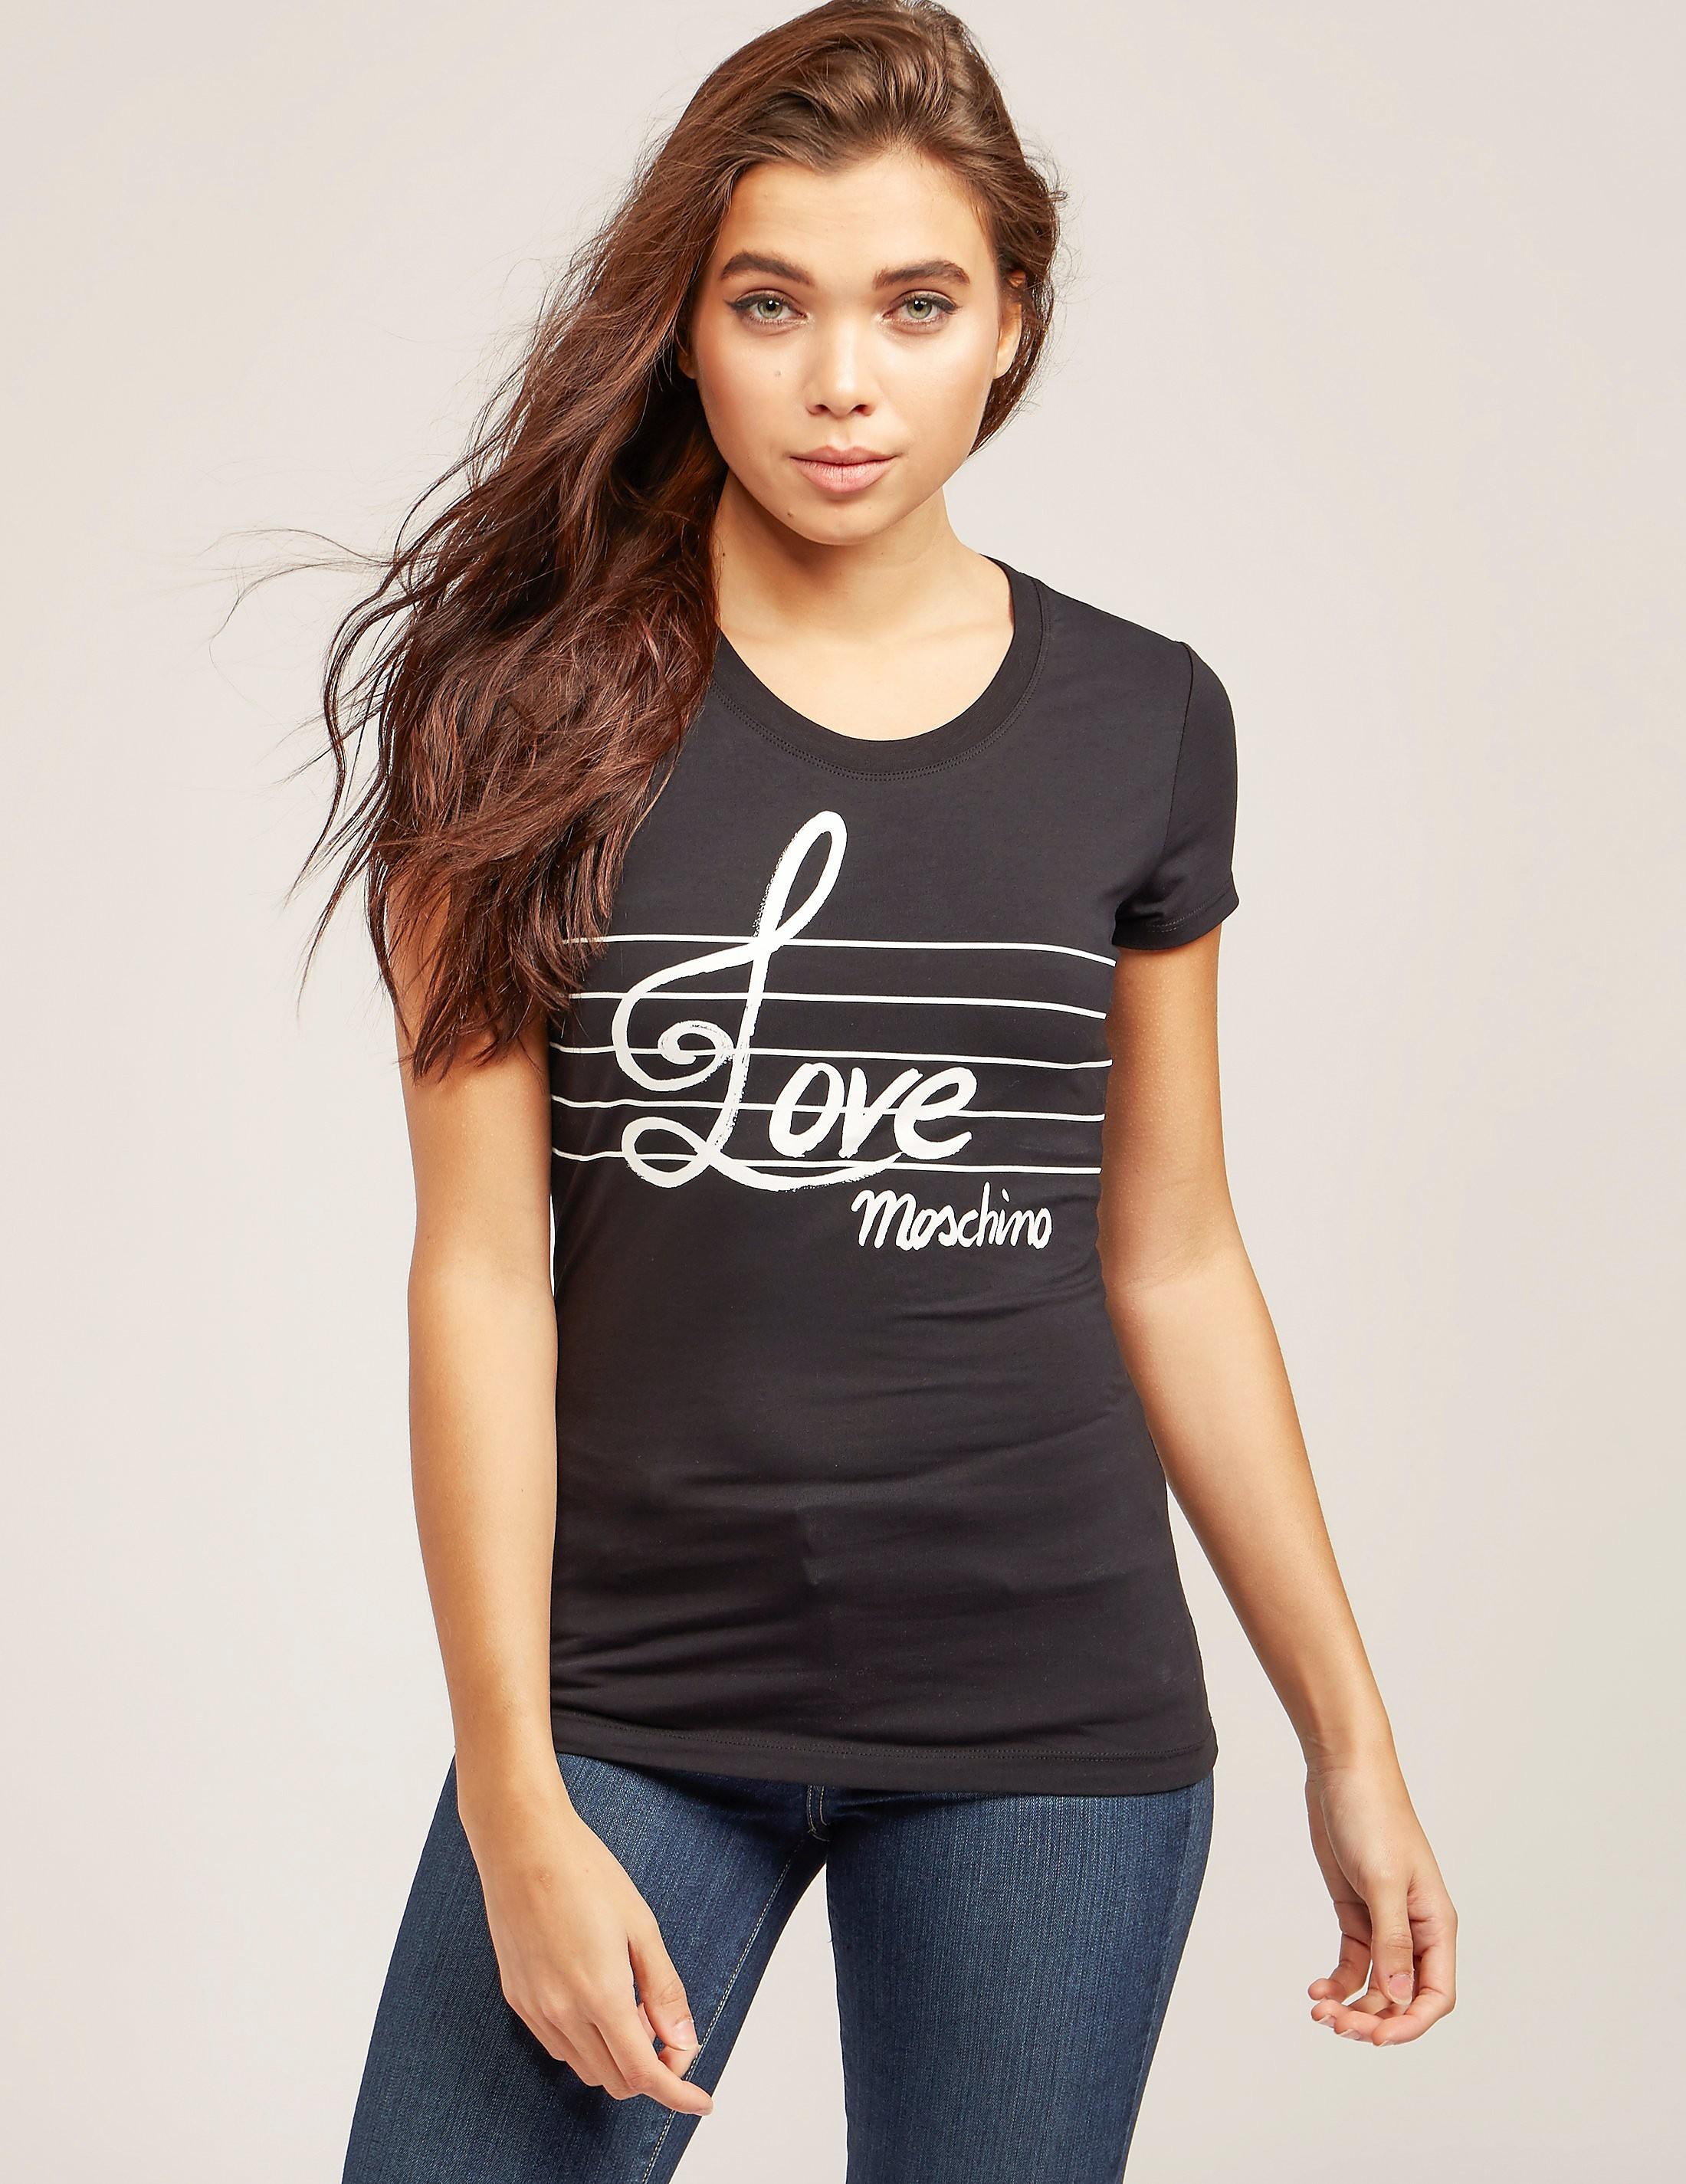 Love Moschino Music Short Sleeve T-Shirt